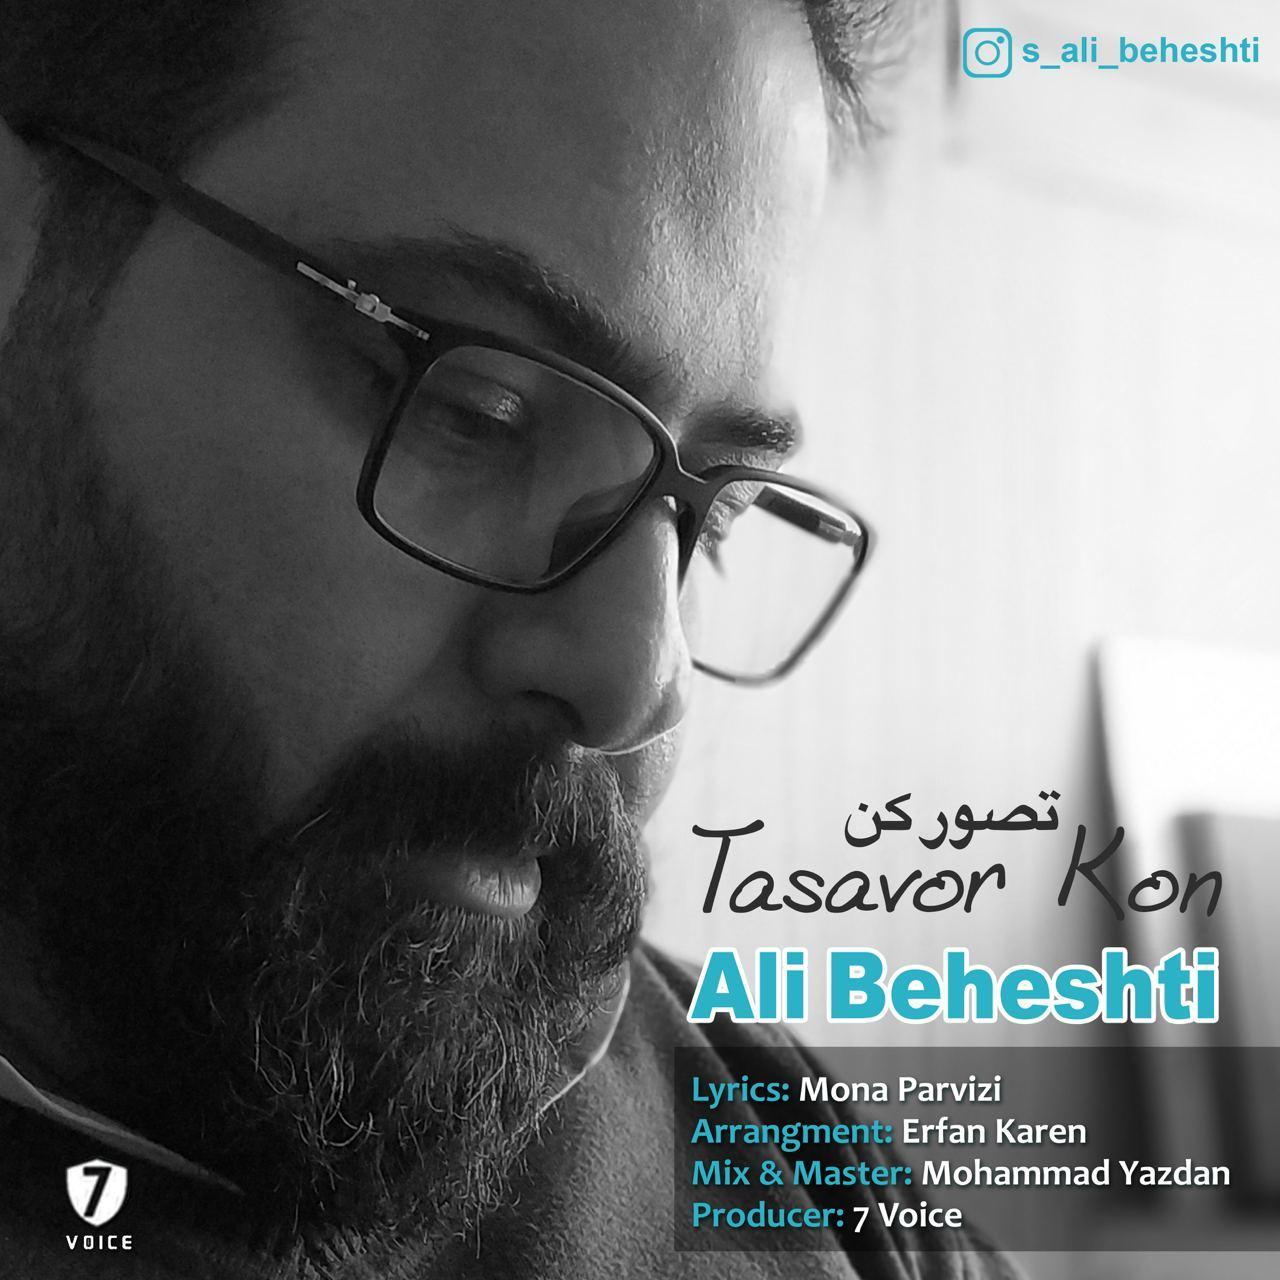 Ali Beheshti – Tasavor Kon